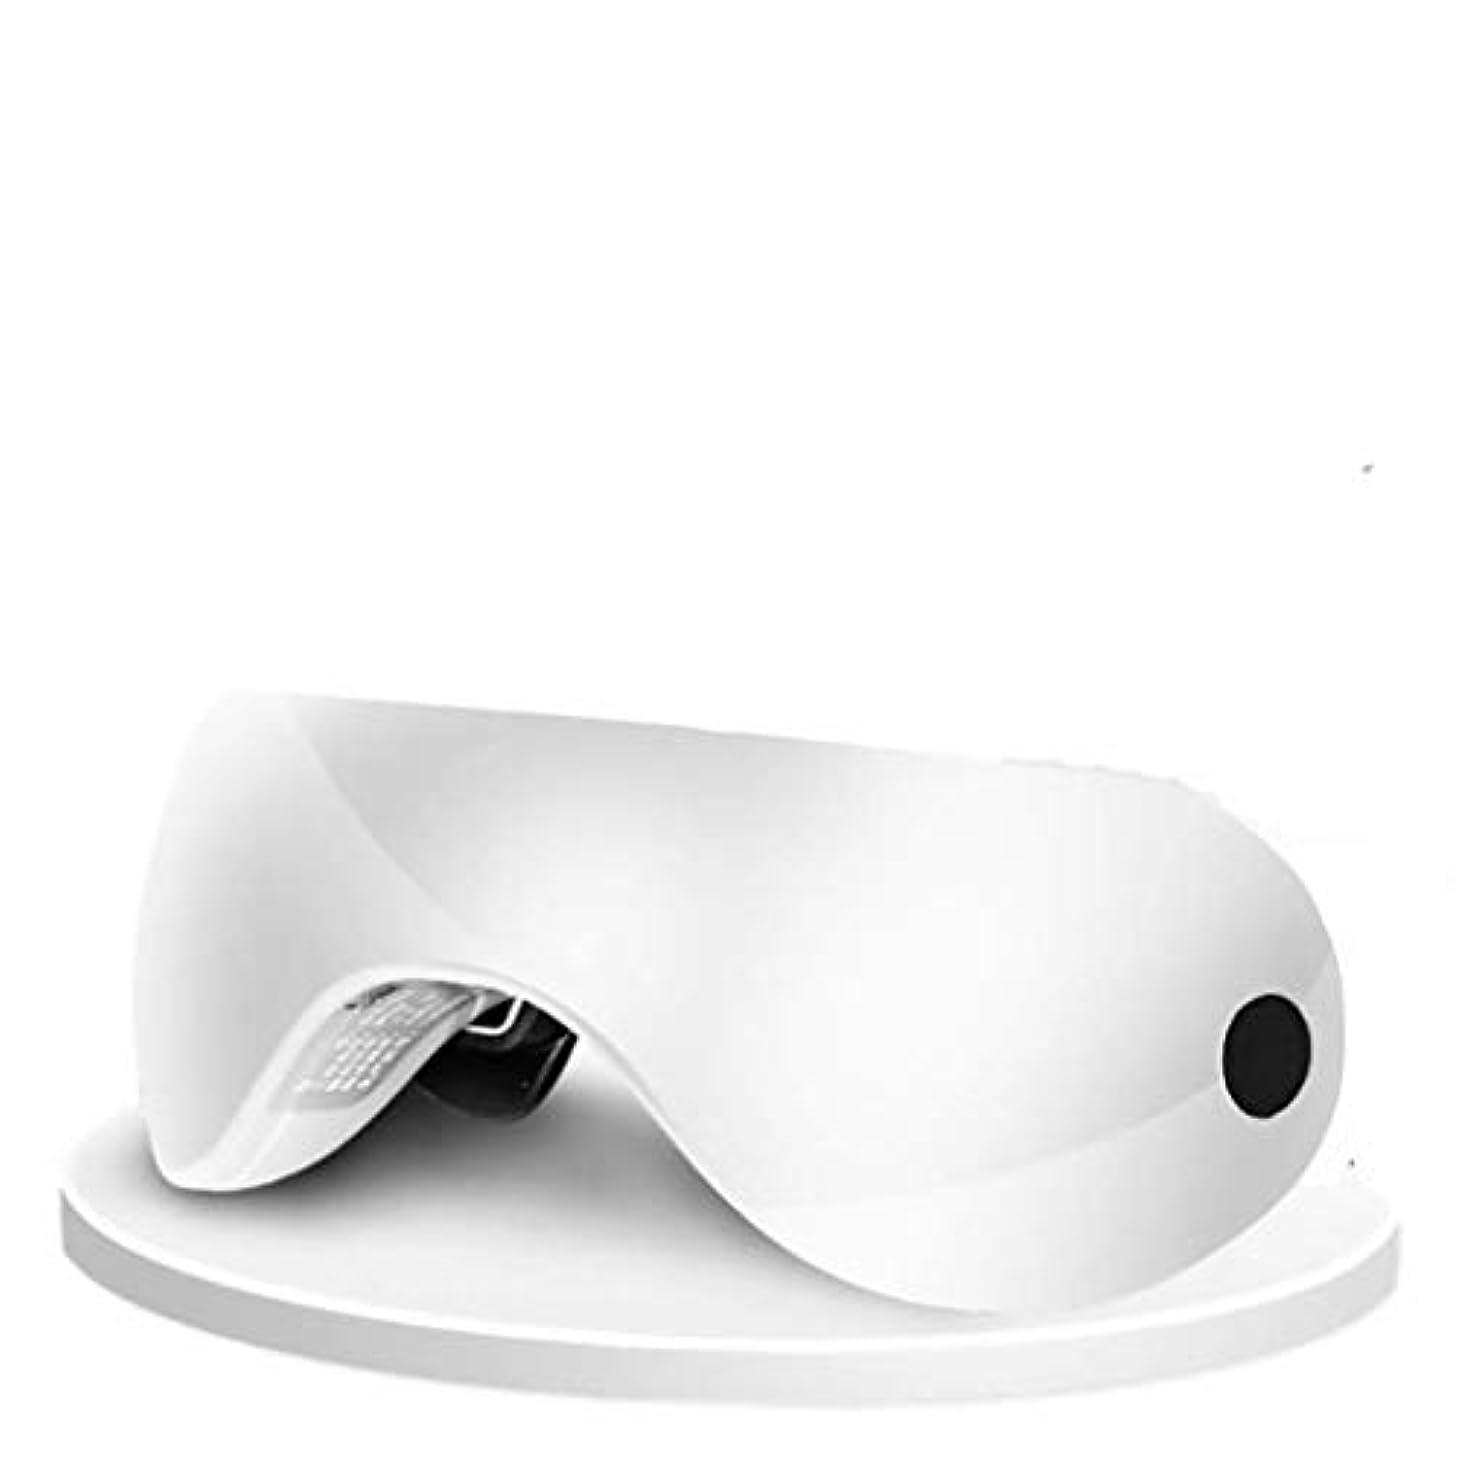 先に計画的ふざけた多機能アイマッサージャー、180°折りたたみ/USB充電モード、気圧/振動/Bluetoothライトミュージック、旅行に便利/通気性、視覚保護デバイス、近視/乱視矯正